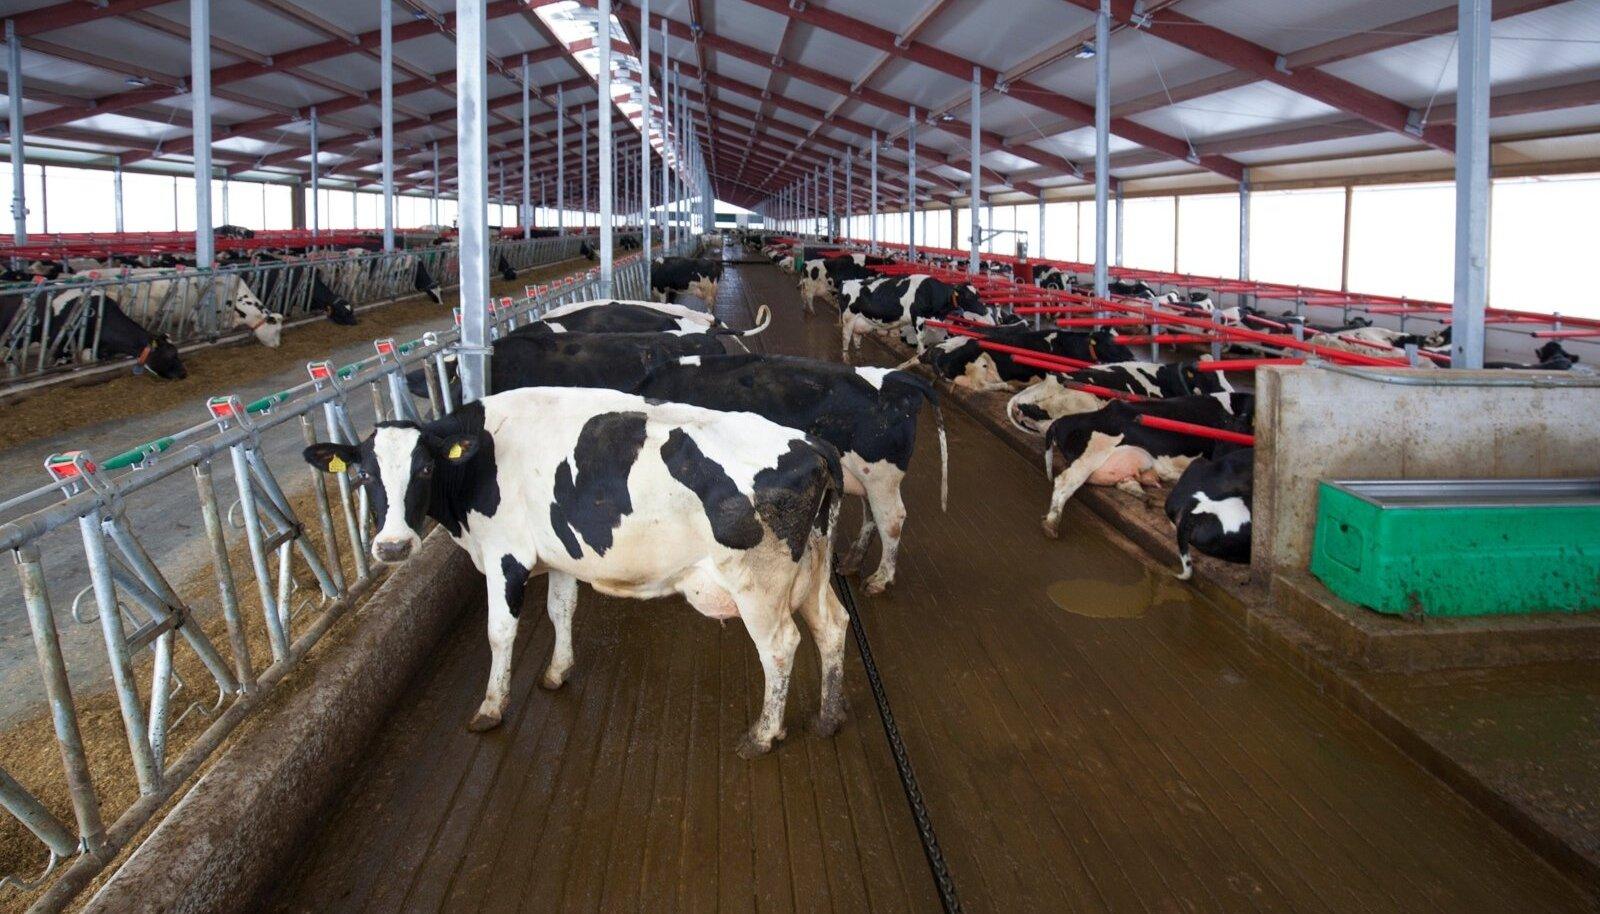 Kaiu farmi uues laudakompleksis on loomad mõlemal pool söödalava vaid kahes reas, ka söödalava on pikemaks ehitatud – nii mahuvad kõik lehmad korraga sööma.